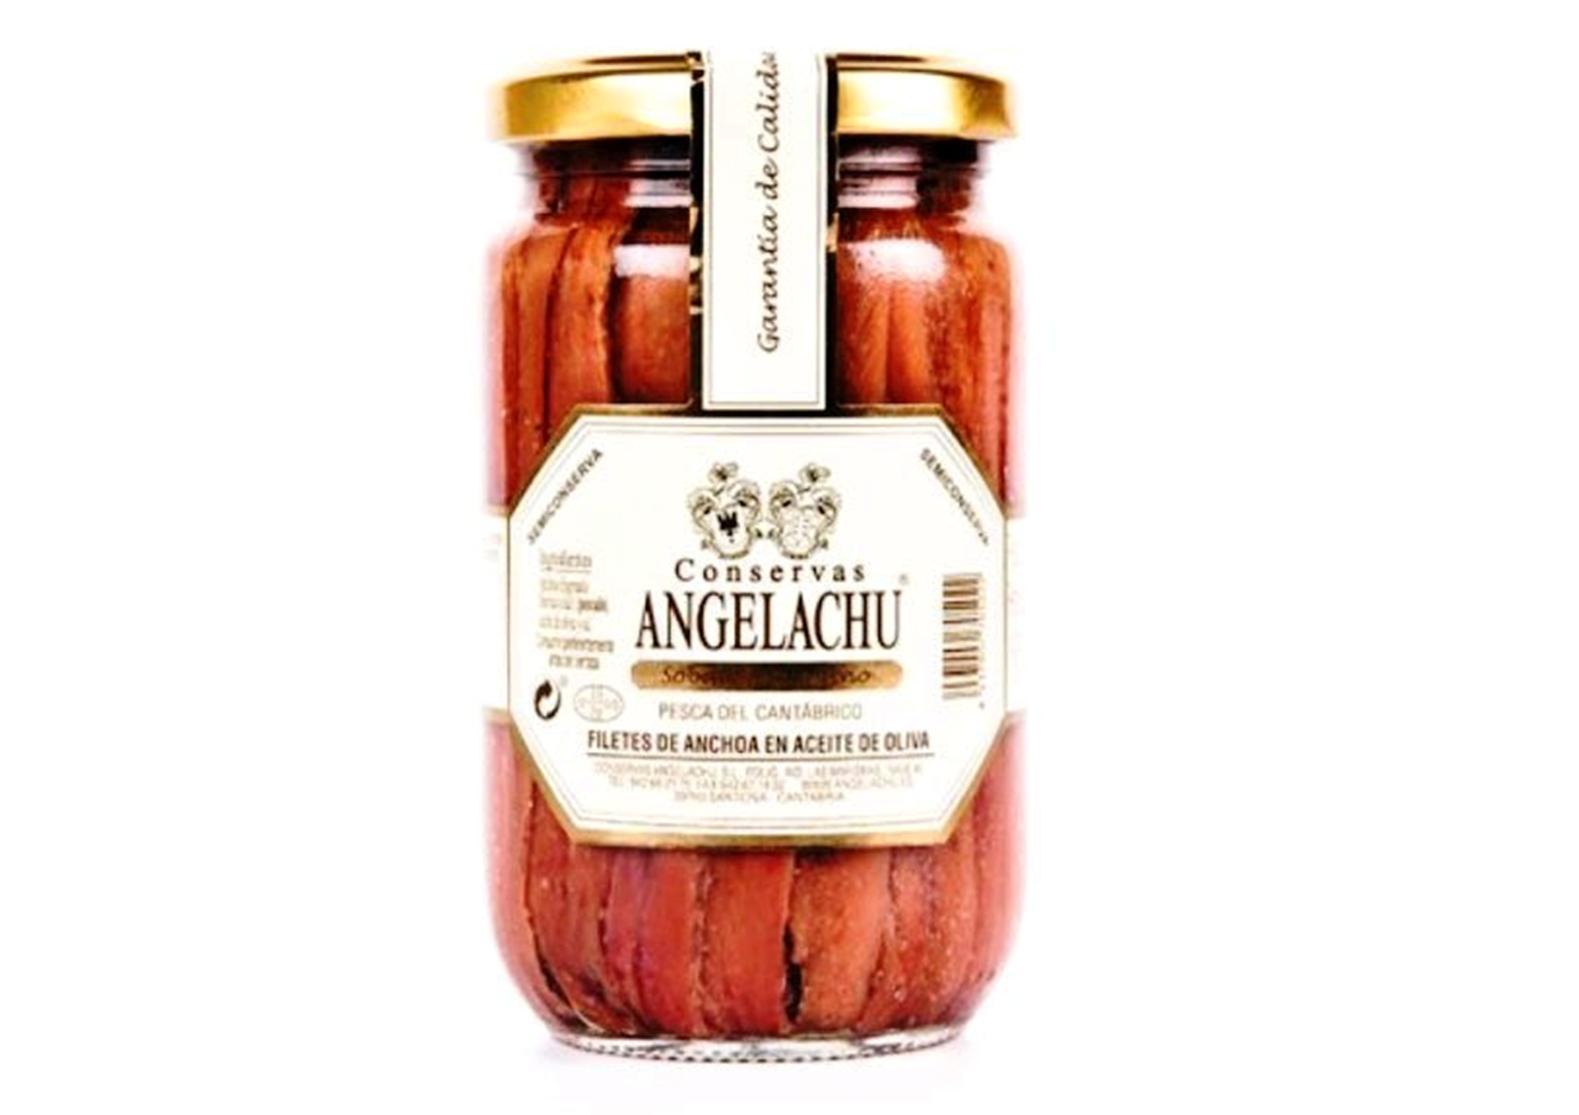 Filets d'anchois verrine - Angelachu - Conserves de filets d'anchois de Santoña - Cantabrie